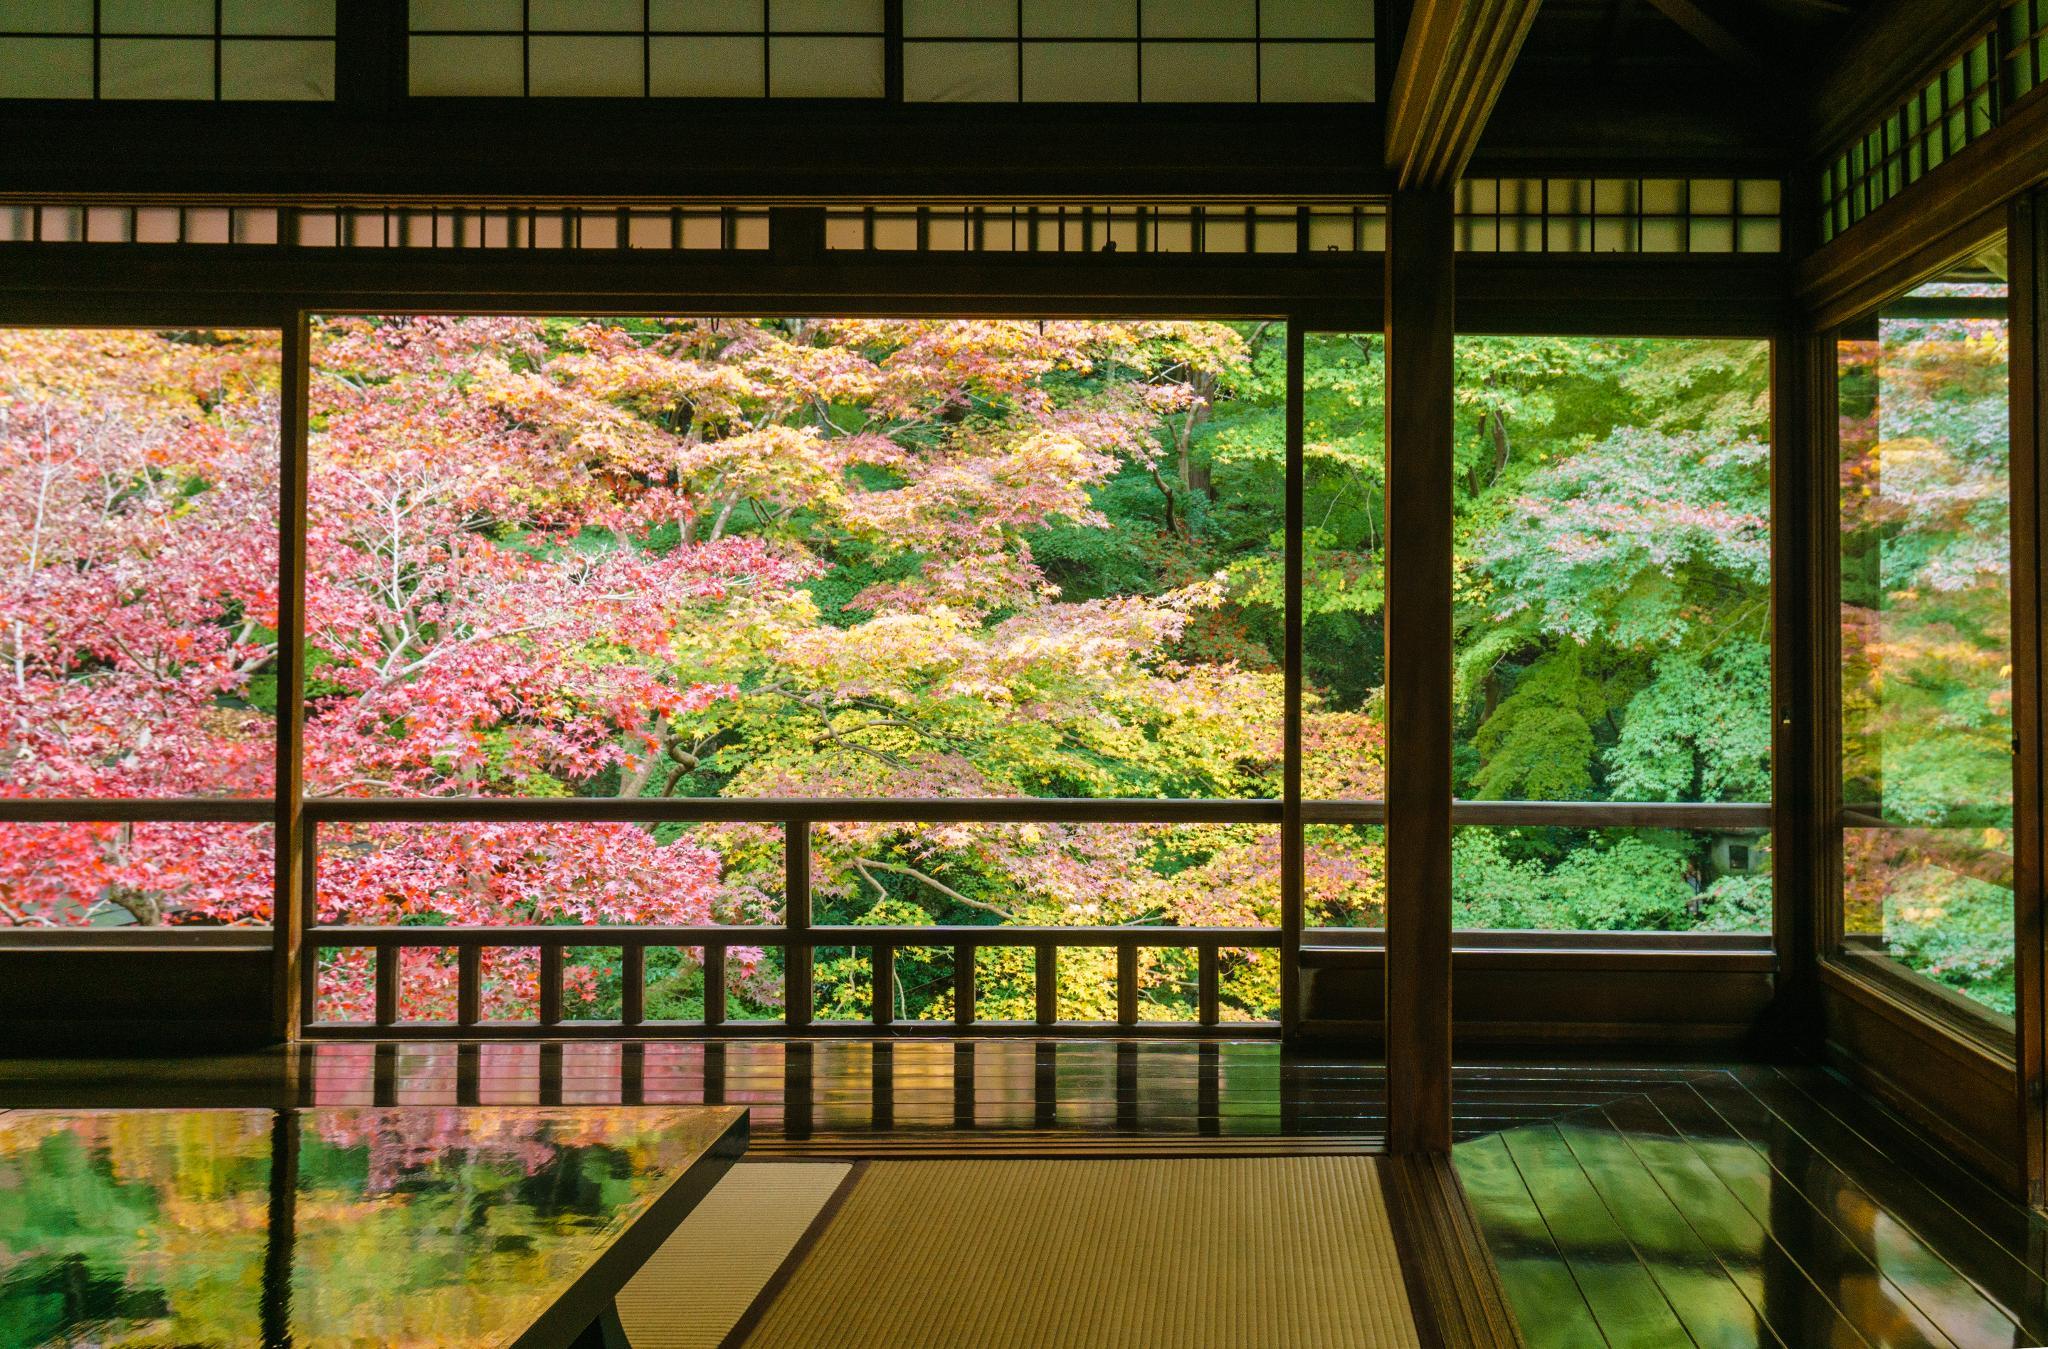 【京都】如夢似幻的琉璃光影 - 八瀨琉璃光院 88